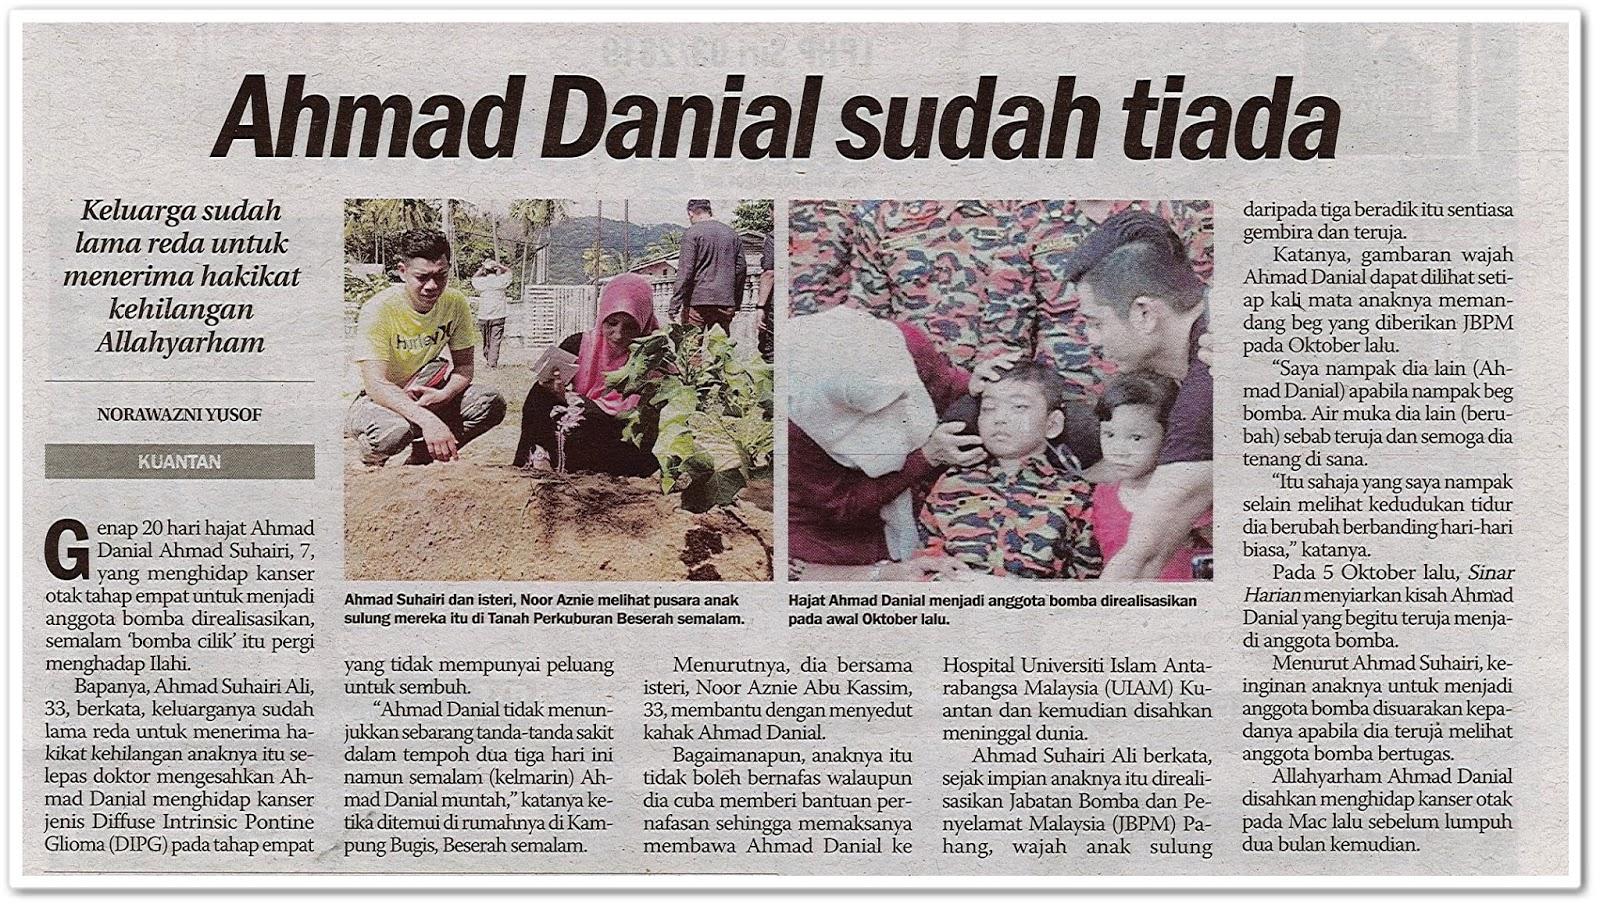 Ahmad Danial sudah tiada - Keratan akhbar Sinar Harian 26 Oktober 2019